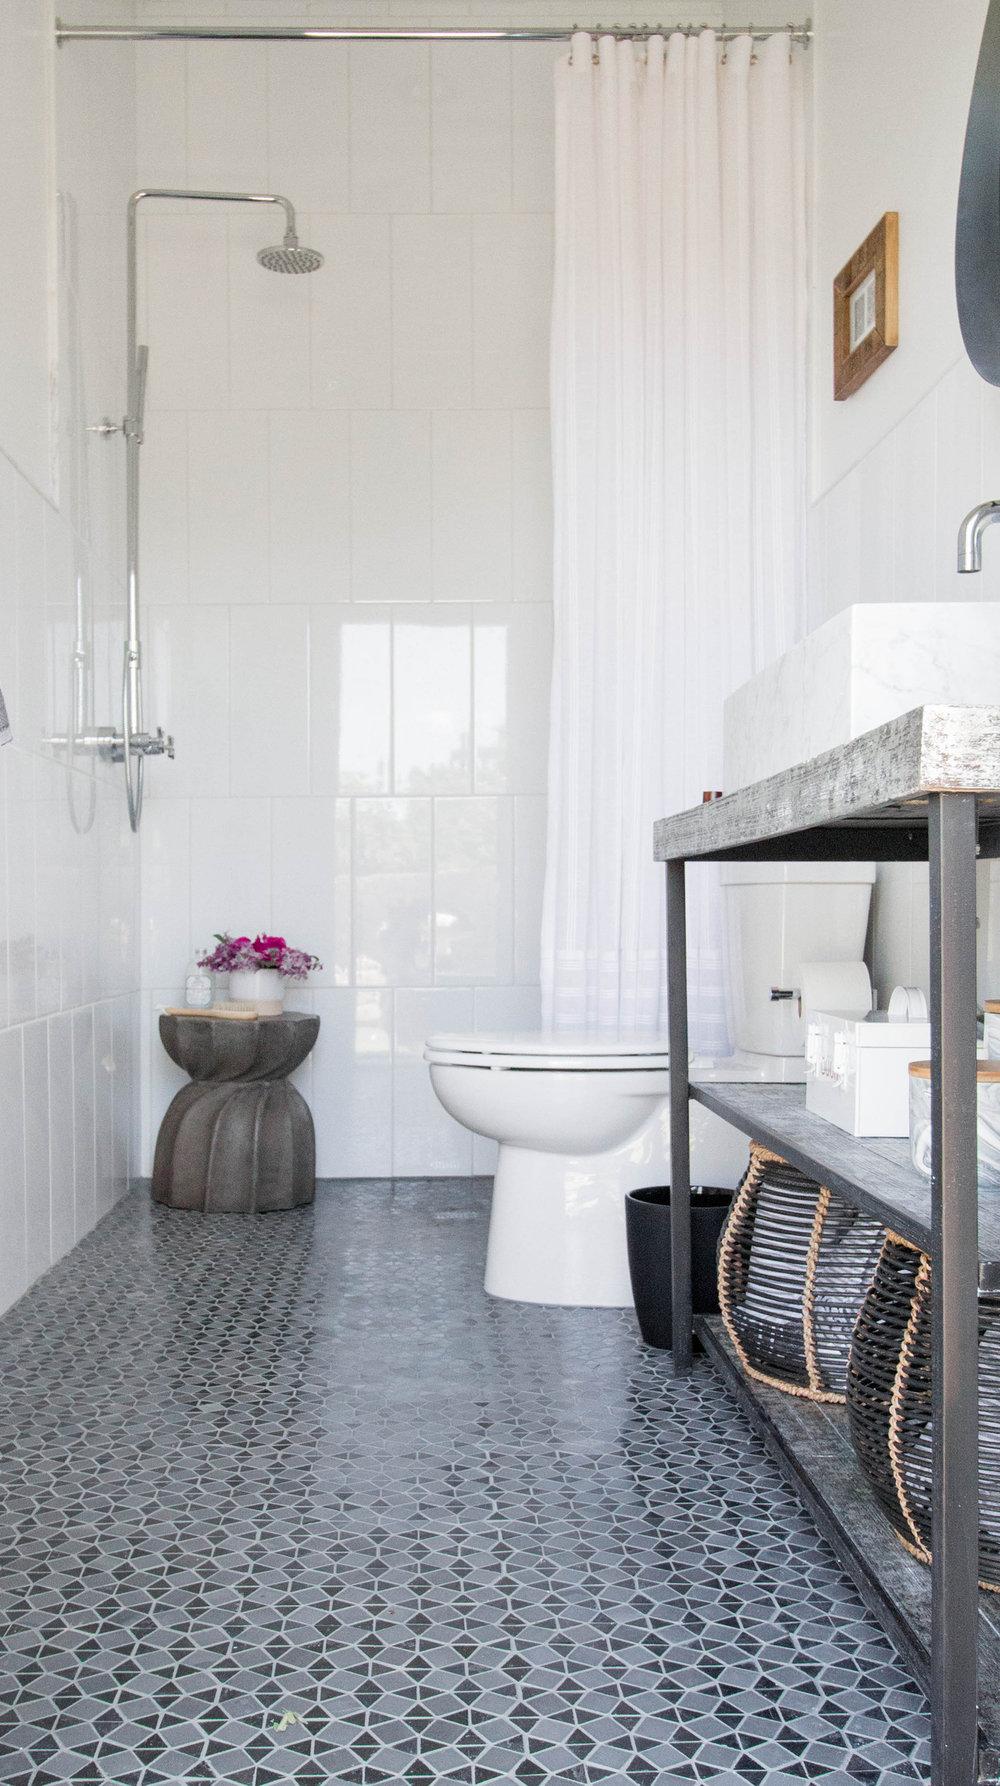 KOA HOUSE_pool bathroom gatsby tile white cement side table outside mount shower 2.jpg